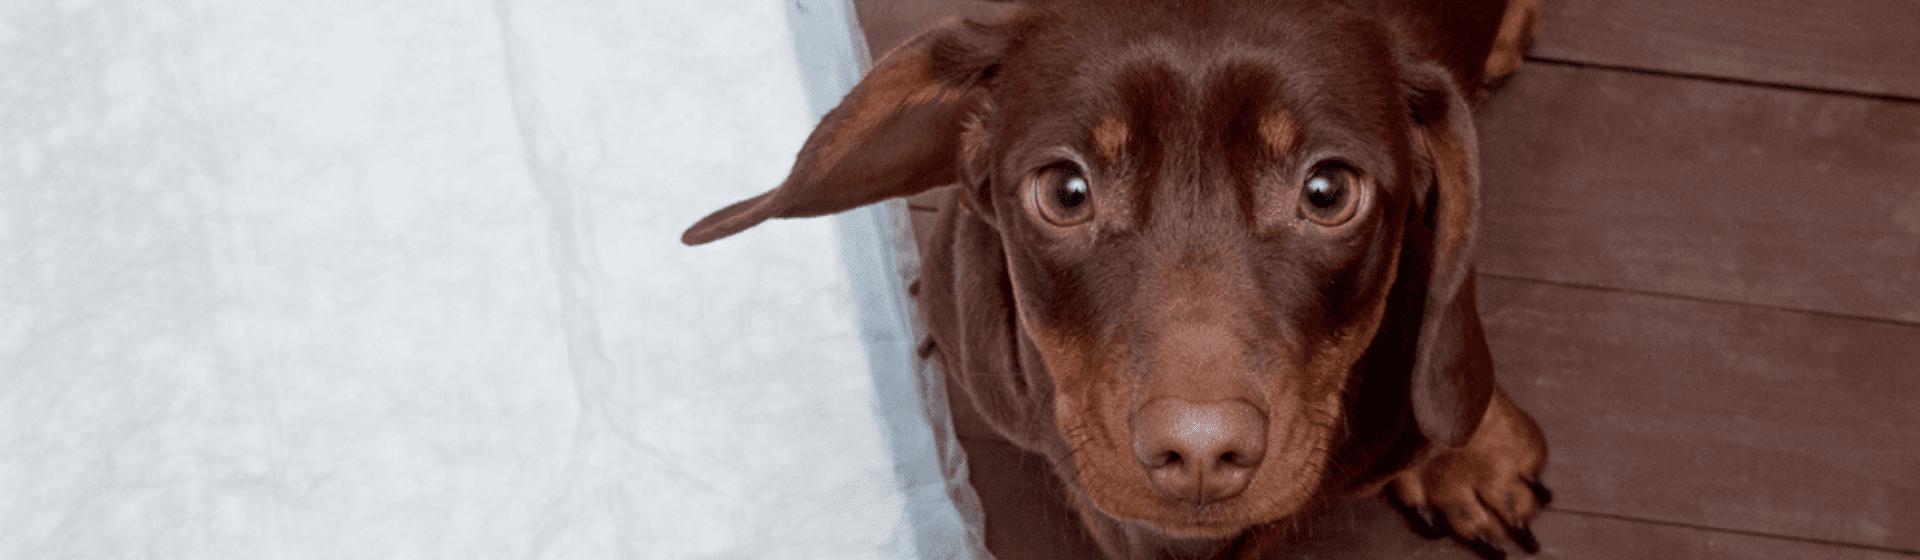 Tapete higiênico para cachorro: vale a pena comprar?